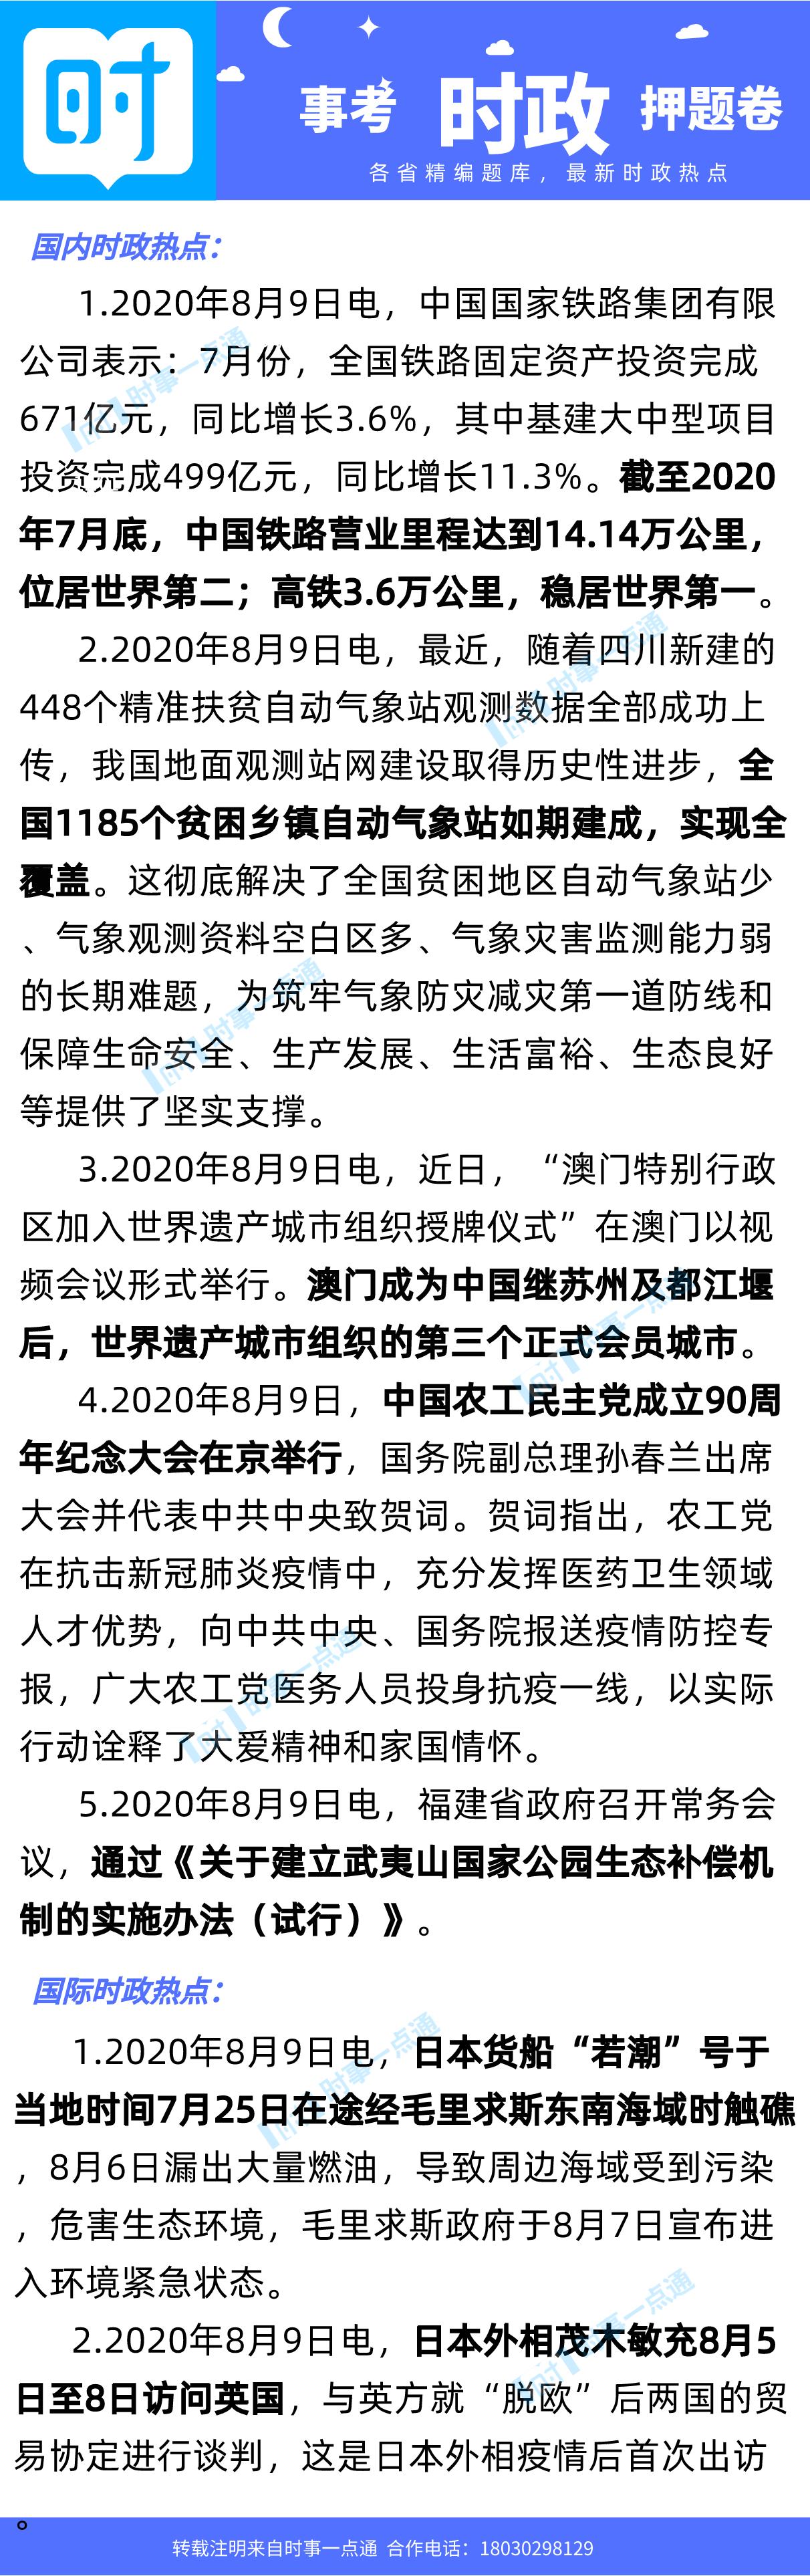 2013考研时事政治_政治时事小论文800_2013政治考研真题下载